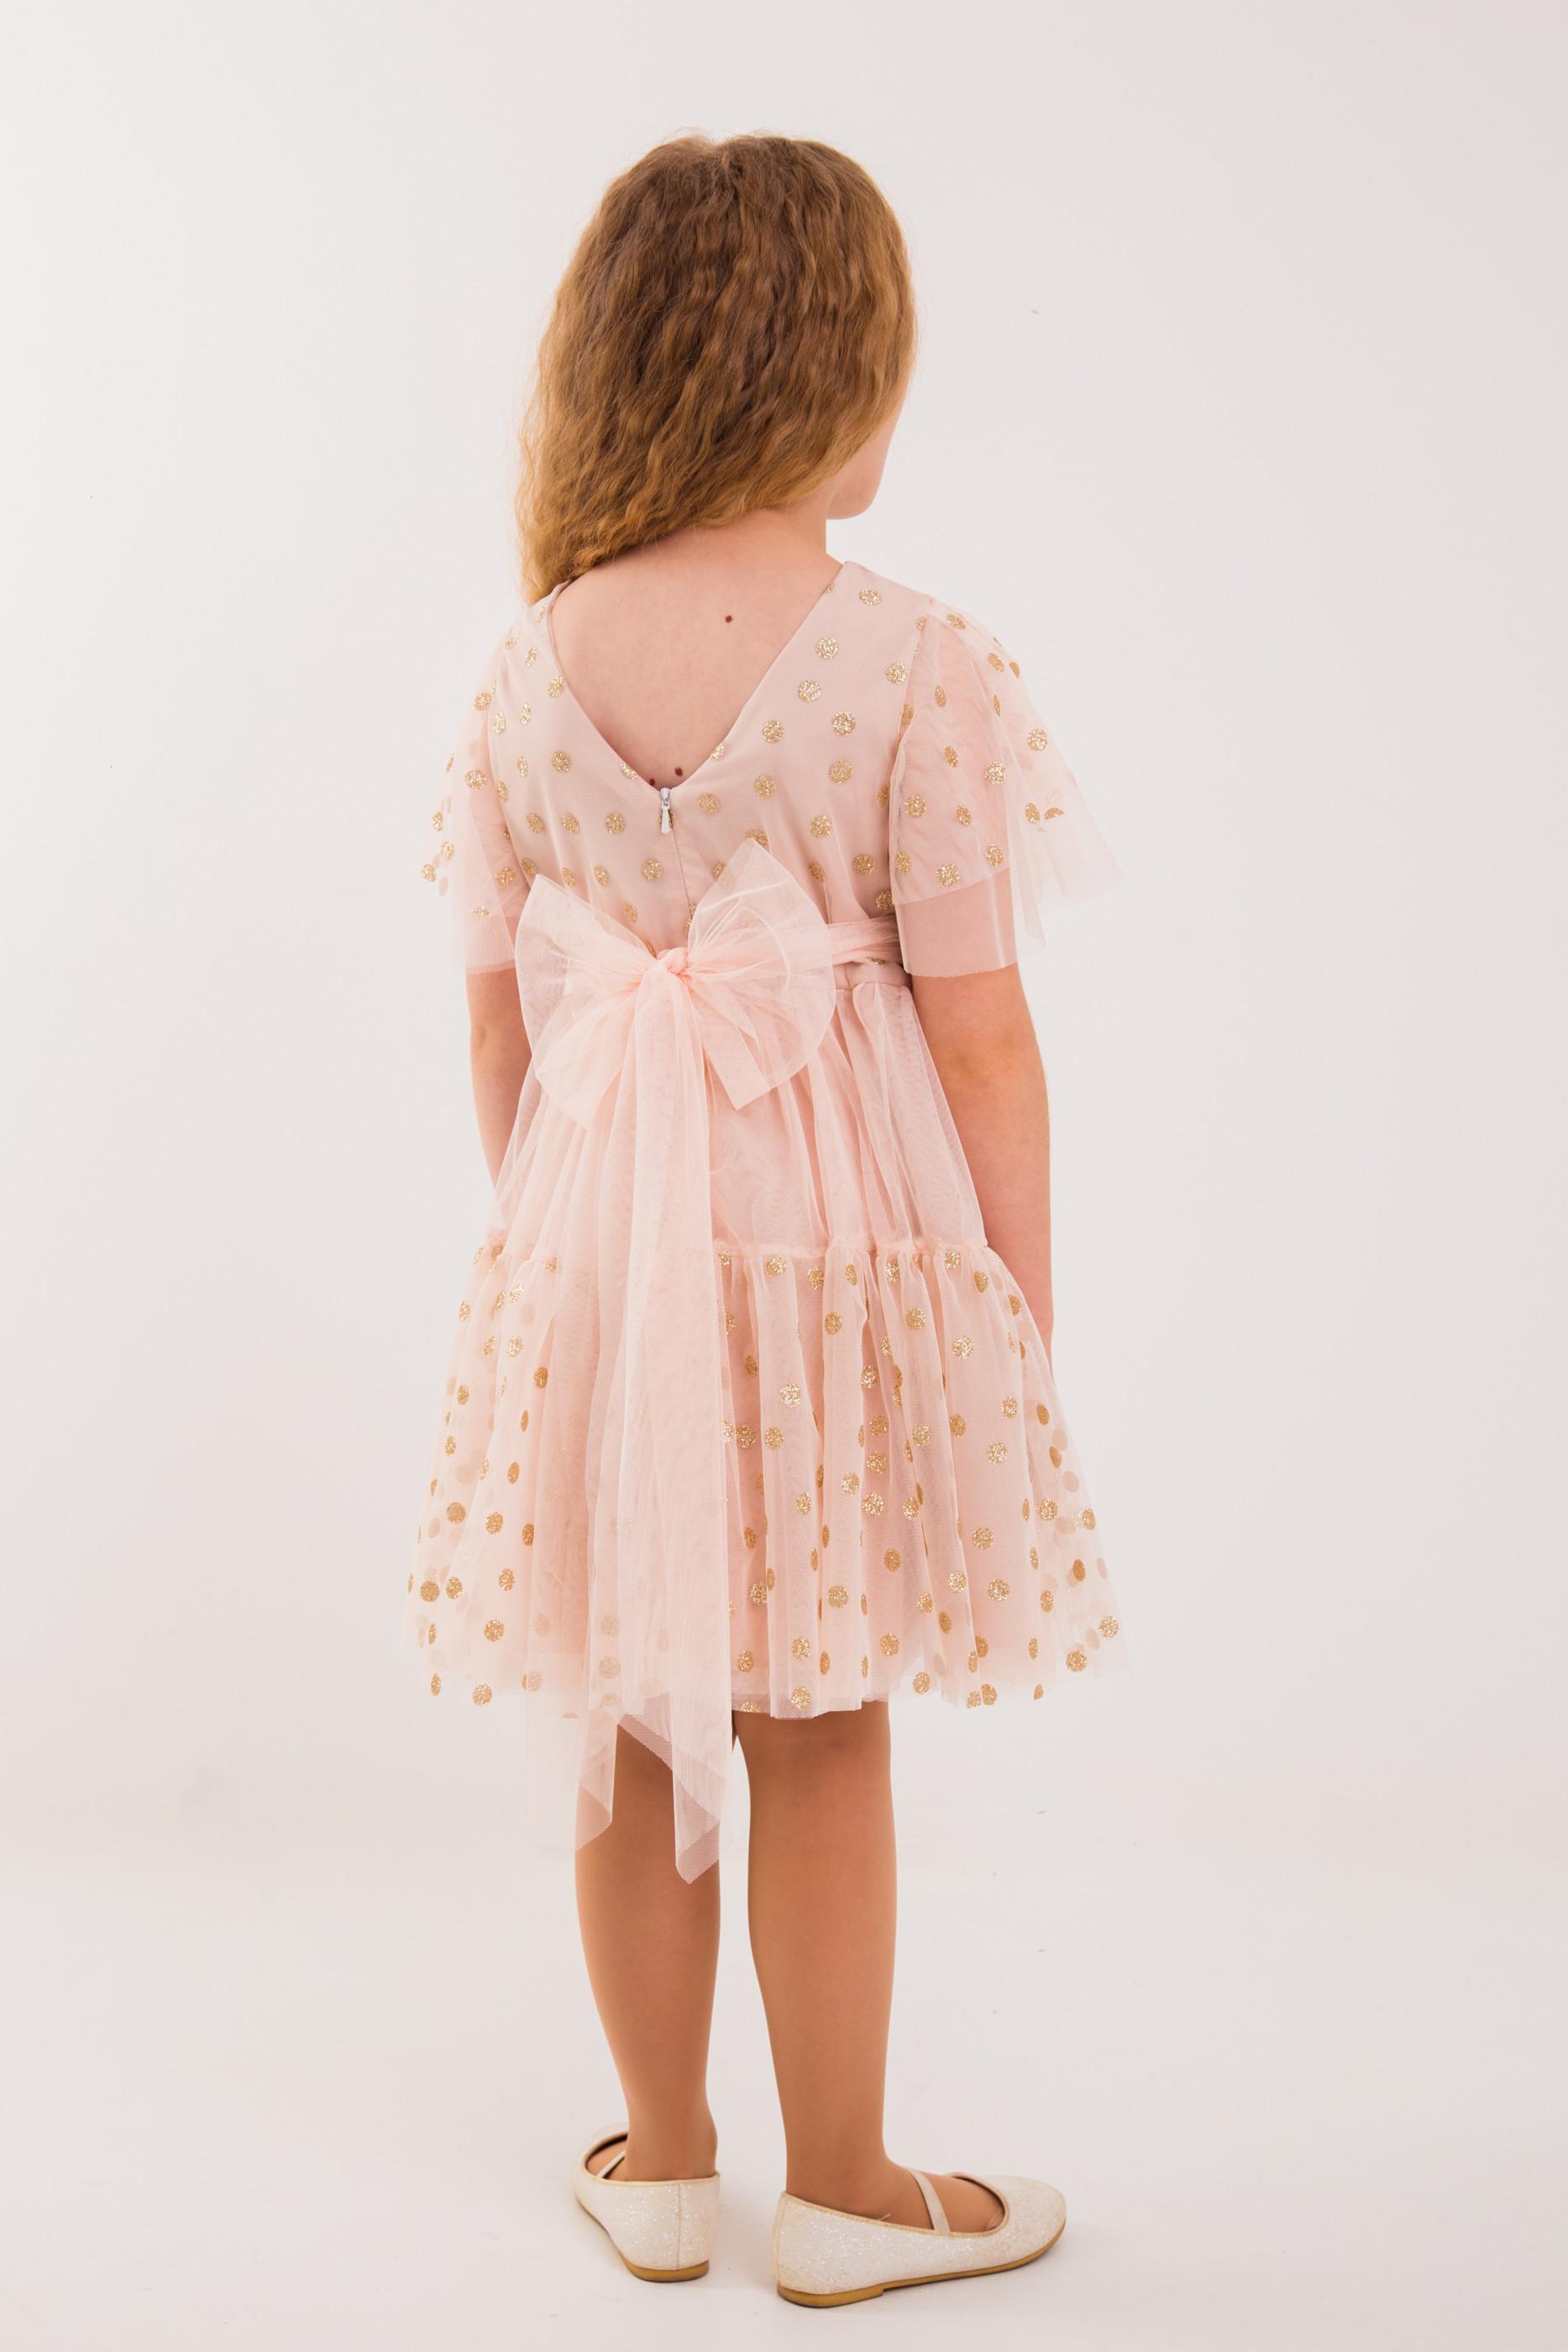 Плаття Роберта, фото №2